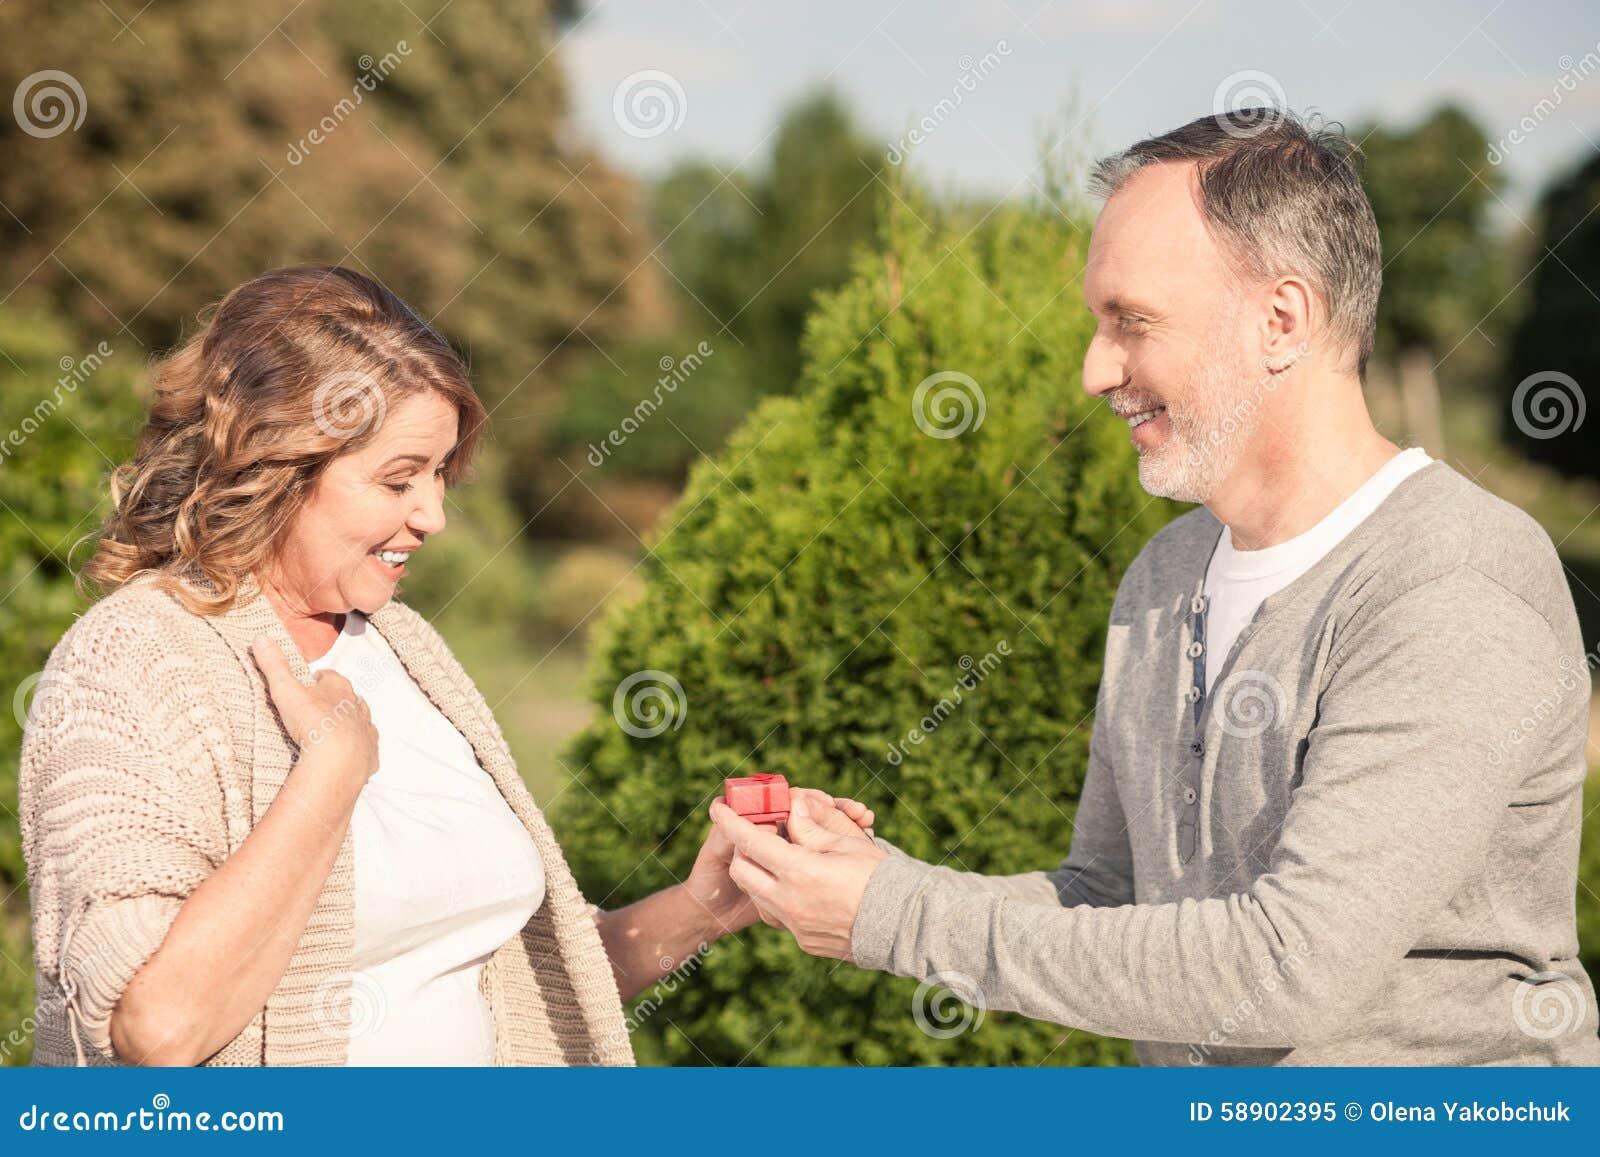 Ich datiere eine ältere Frau Senior Dating-Portland oregon